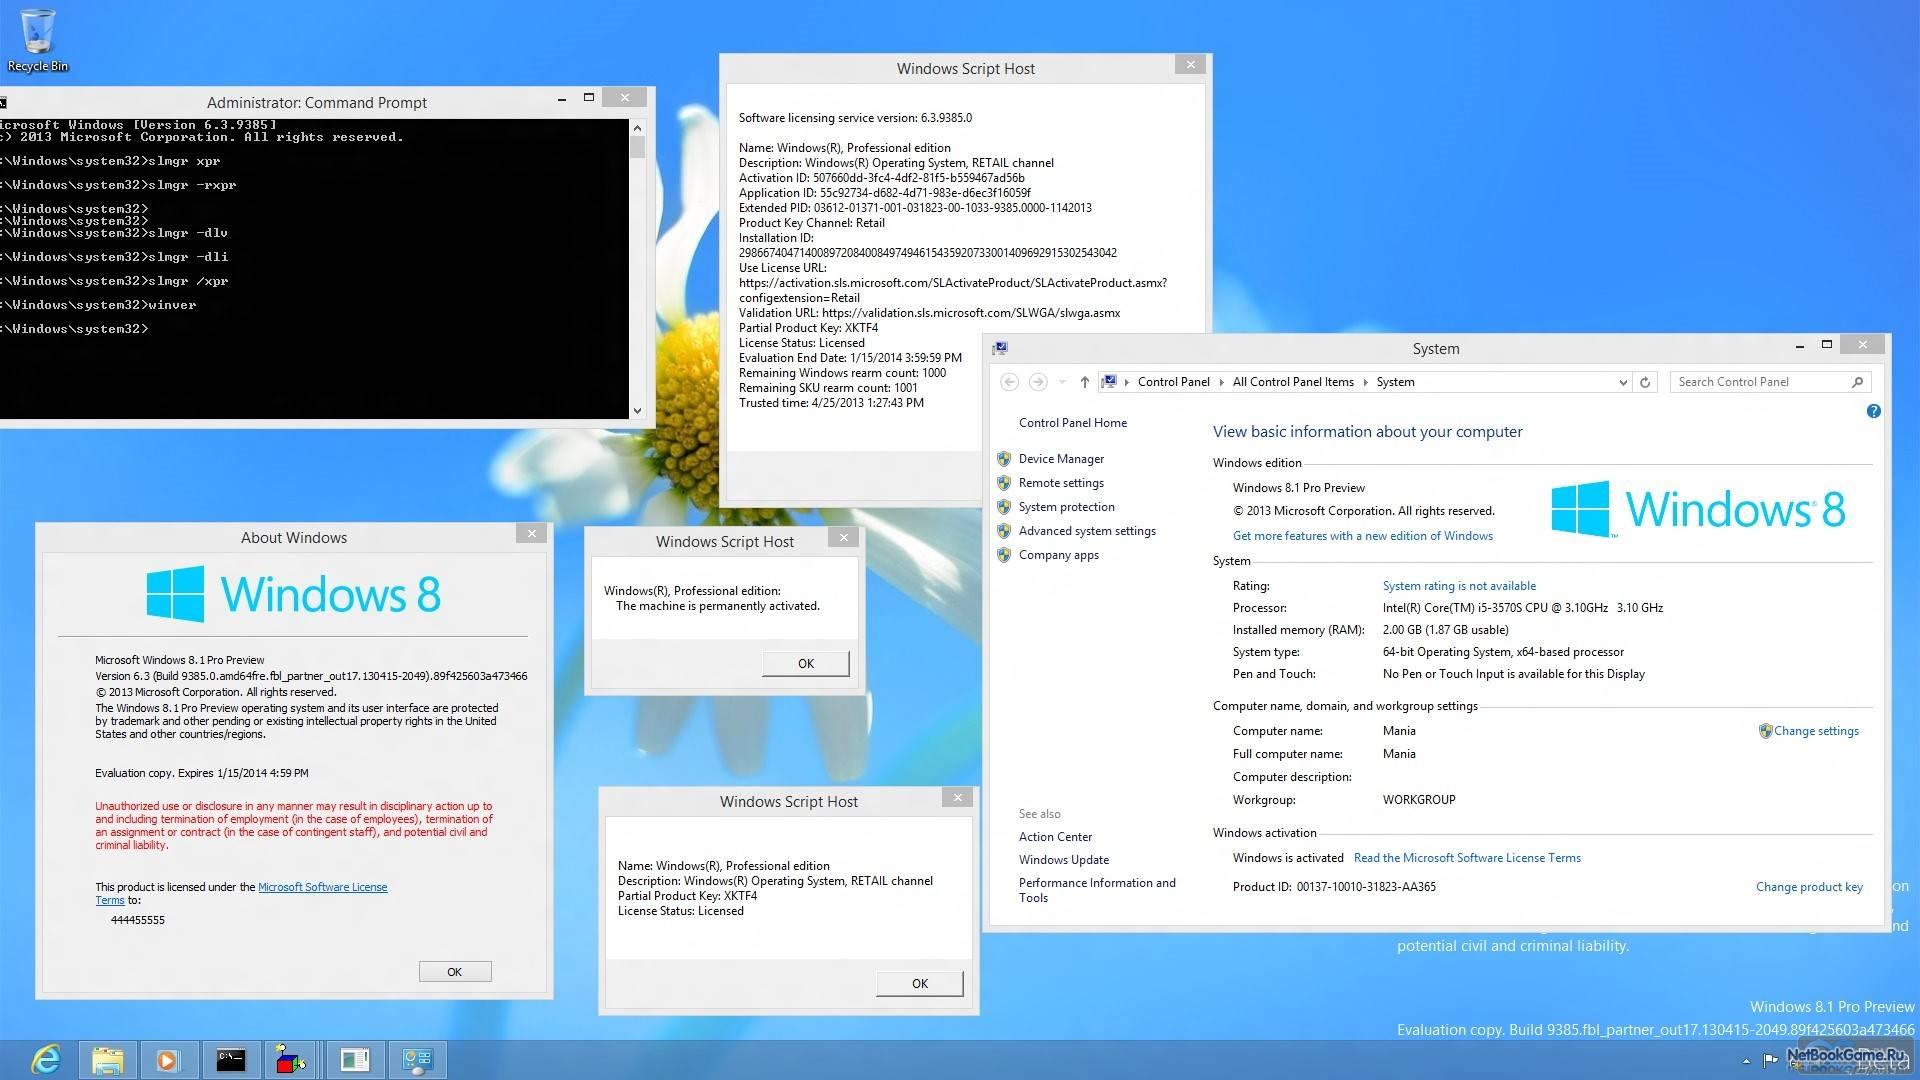 Como Instalar Windows 8.1 Desde Una Iso